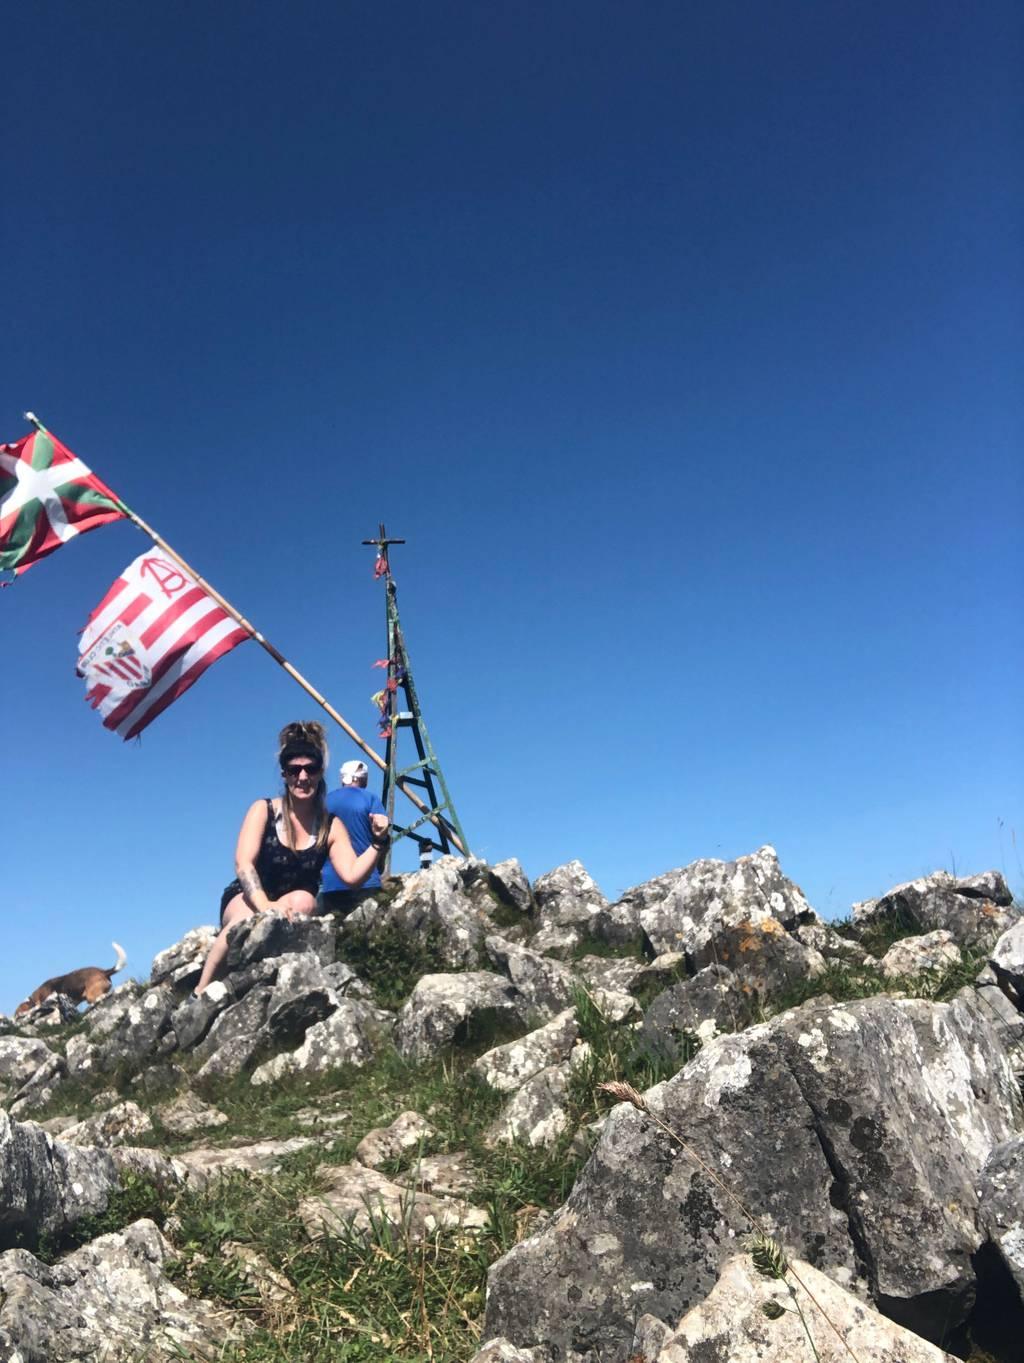 Auritze Aizbor erabiltzailea Pico de la Cruz puntan, 2021-07-10 11:26